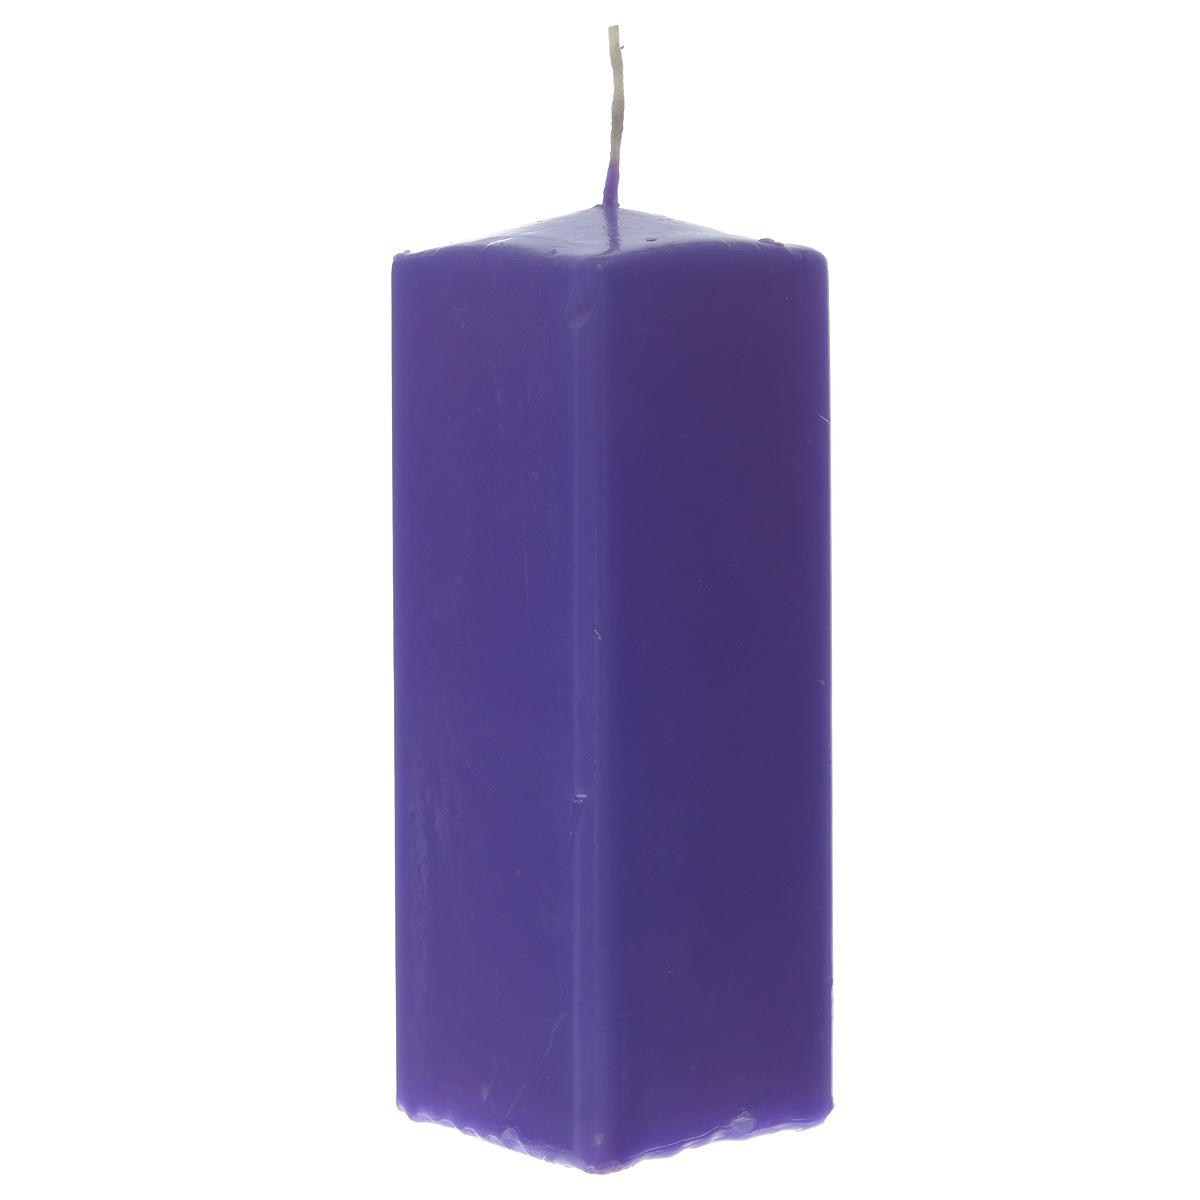 Свеча Sima-land Аромат огня, цвет: фиолетовый, высота 15 см. 843211ES-412Свеча Sima-land Аромат огня выполнена из парафина в классическом стиле.Изделие порадует вас ярким дизайном. Такую свечу можно поставить в любое местои она станет ярким украшением интерьера. Свеча Sima-land Аромат огня создаст незабываемую атмосферу,будь то торжество, романтический вечер или будничный день.